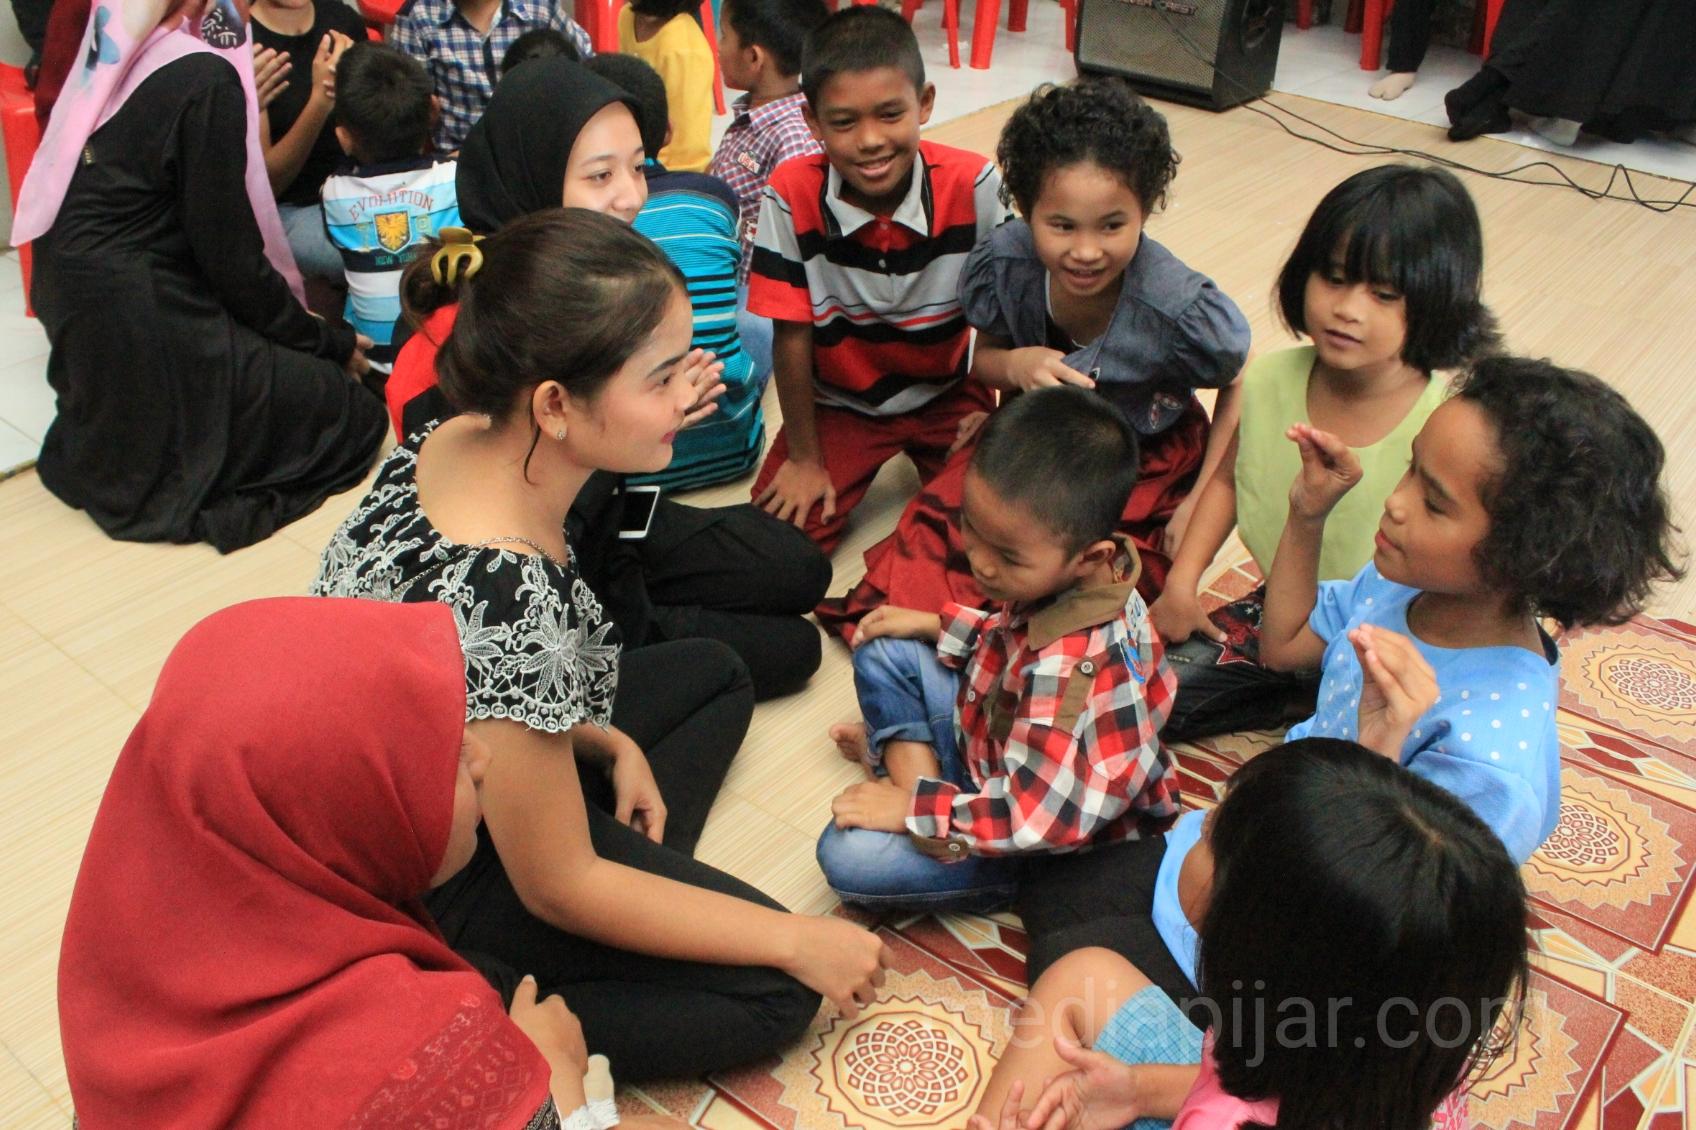 Keakraban yang terjalin antara panitia dan anak-anak panti ketika membuat yel-yel kelompok di Panti Asuhan Sungai Air Hidup, Medan. (31/3) (Fotografer: Intan Khusnul)